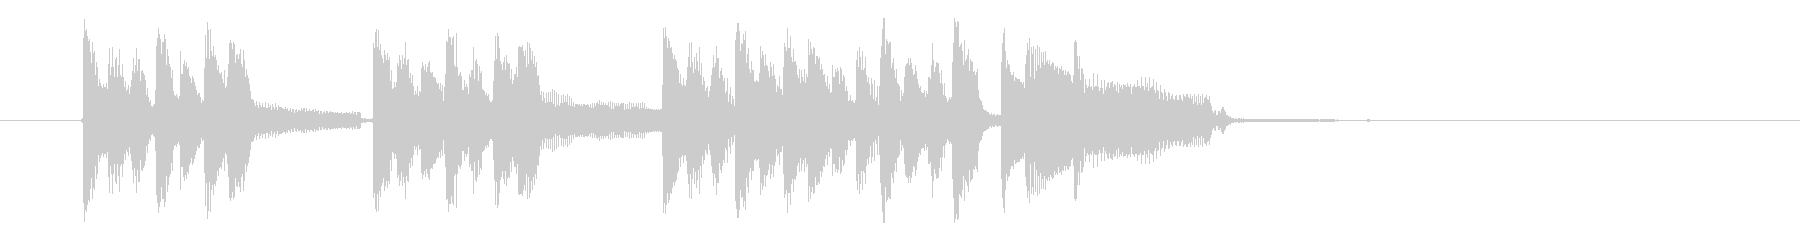 軽快でリズミカルなピアノジングルの未再生の波形